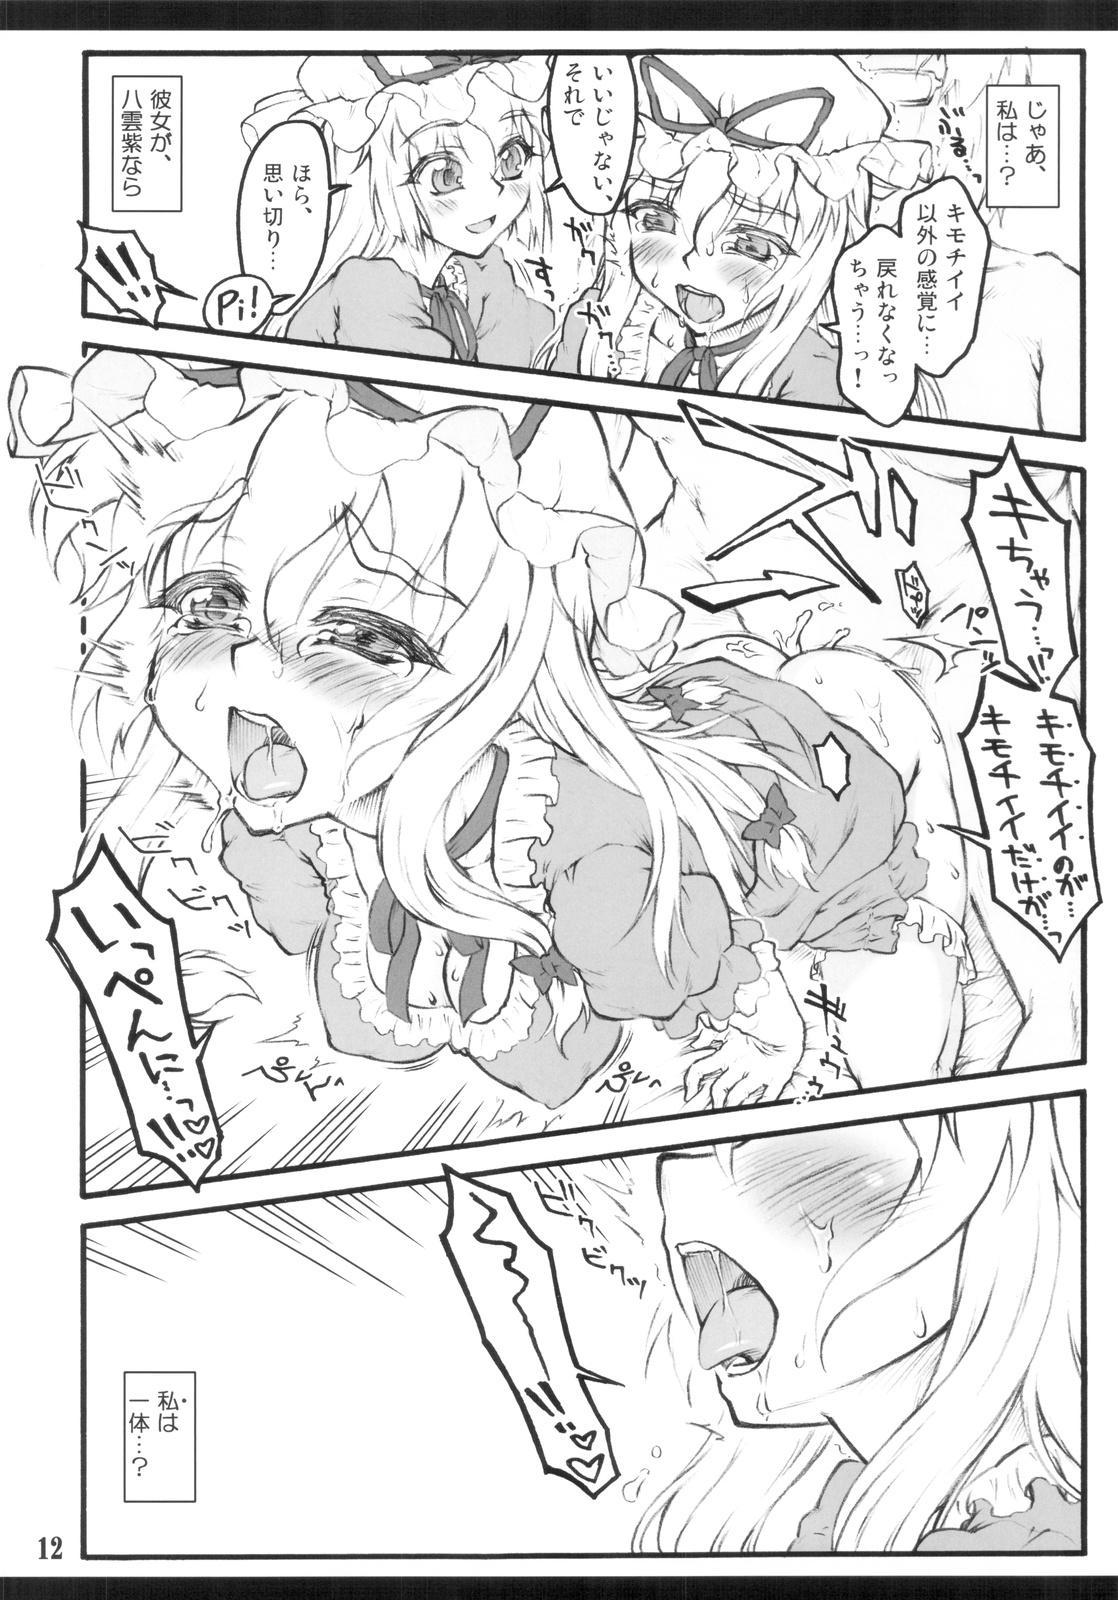 Yukari x Yukari 9